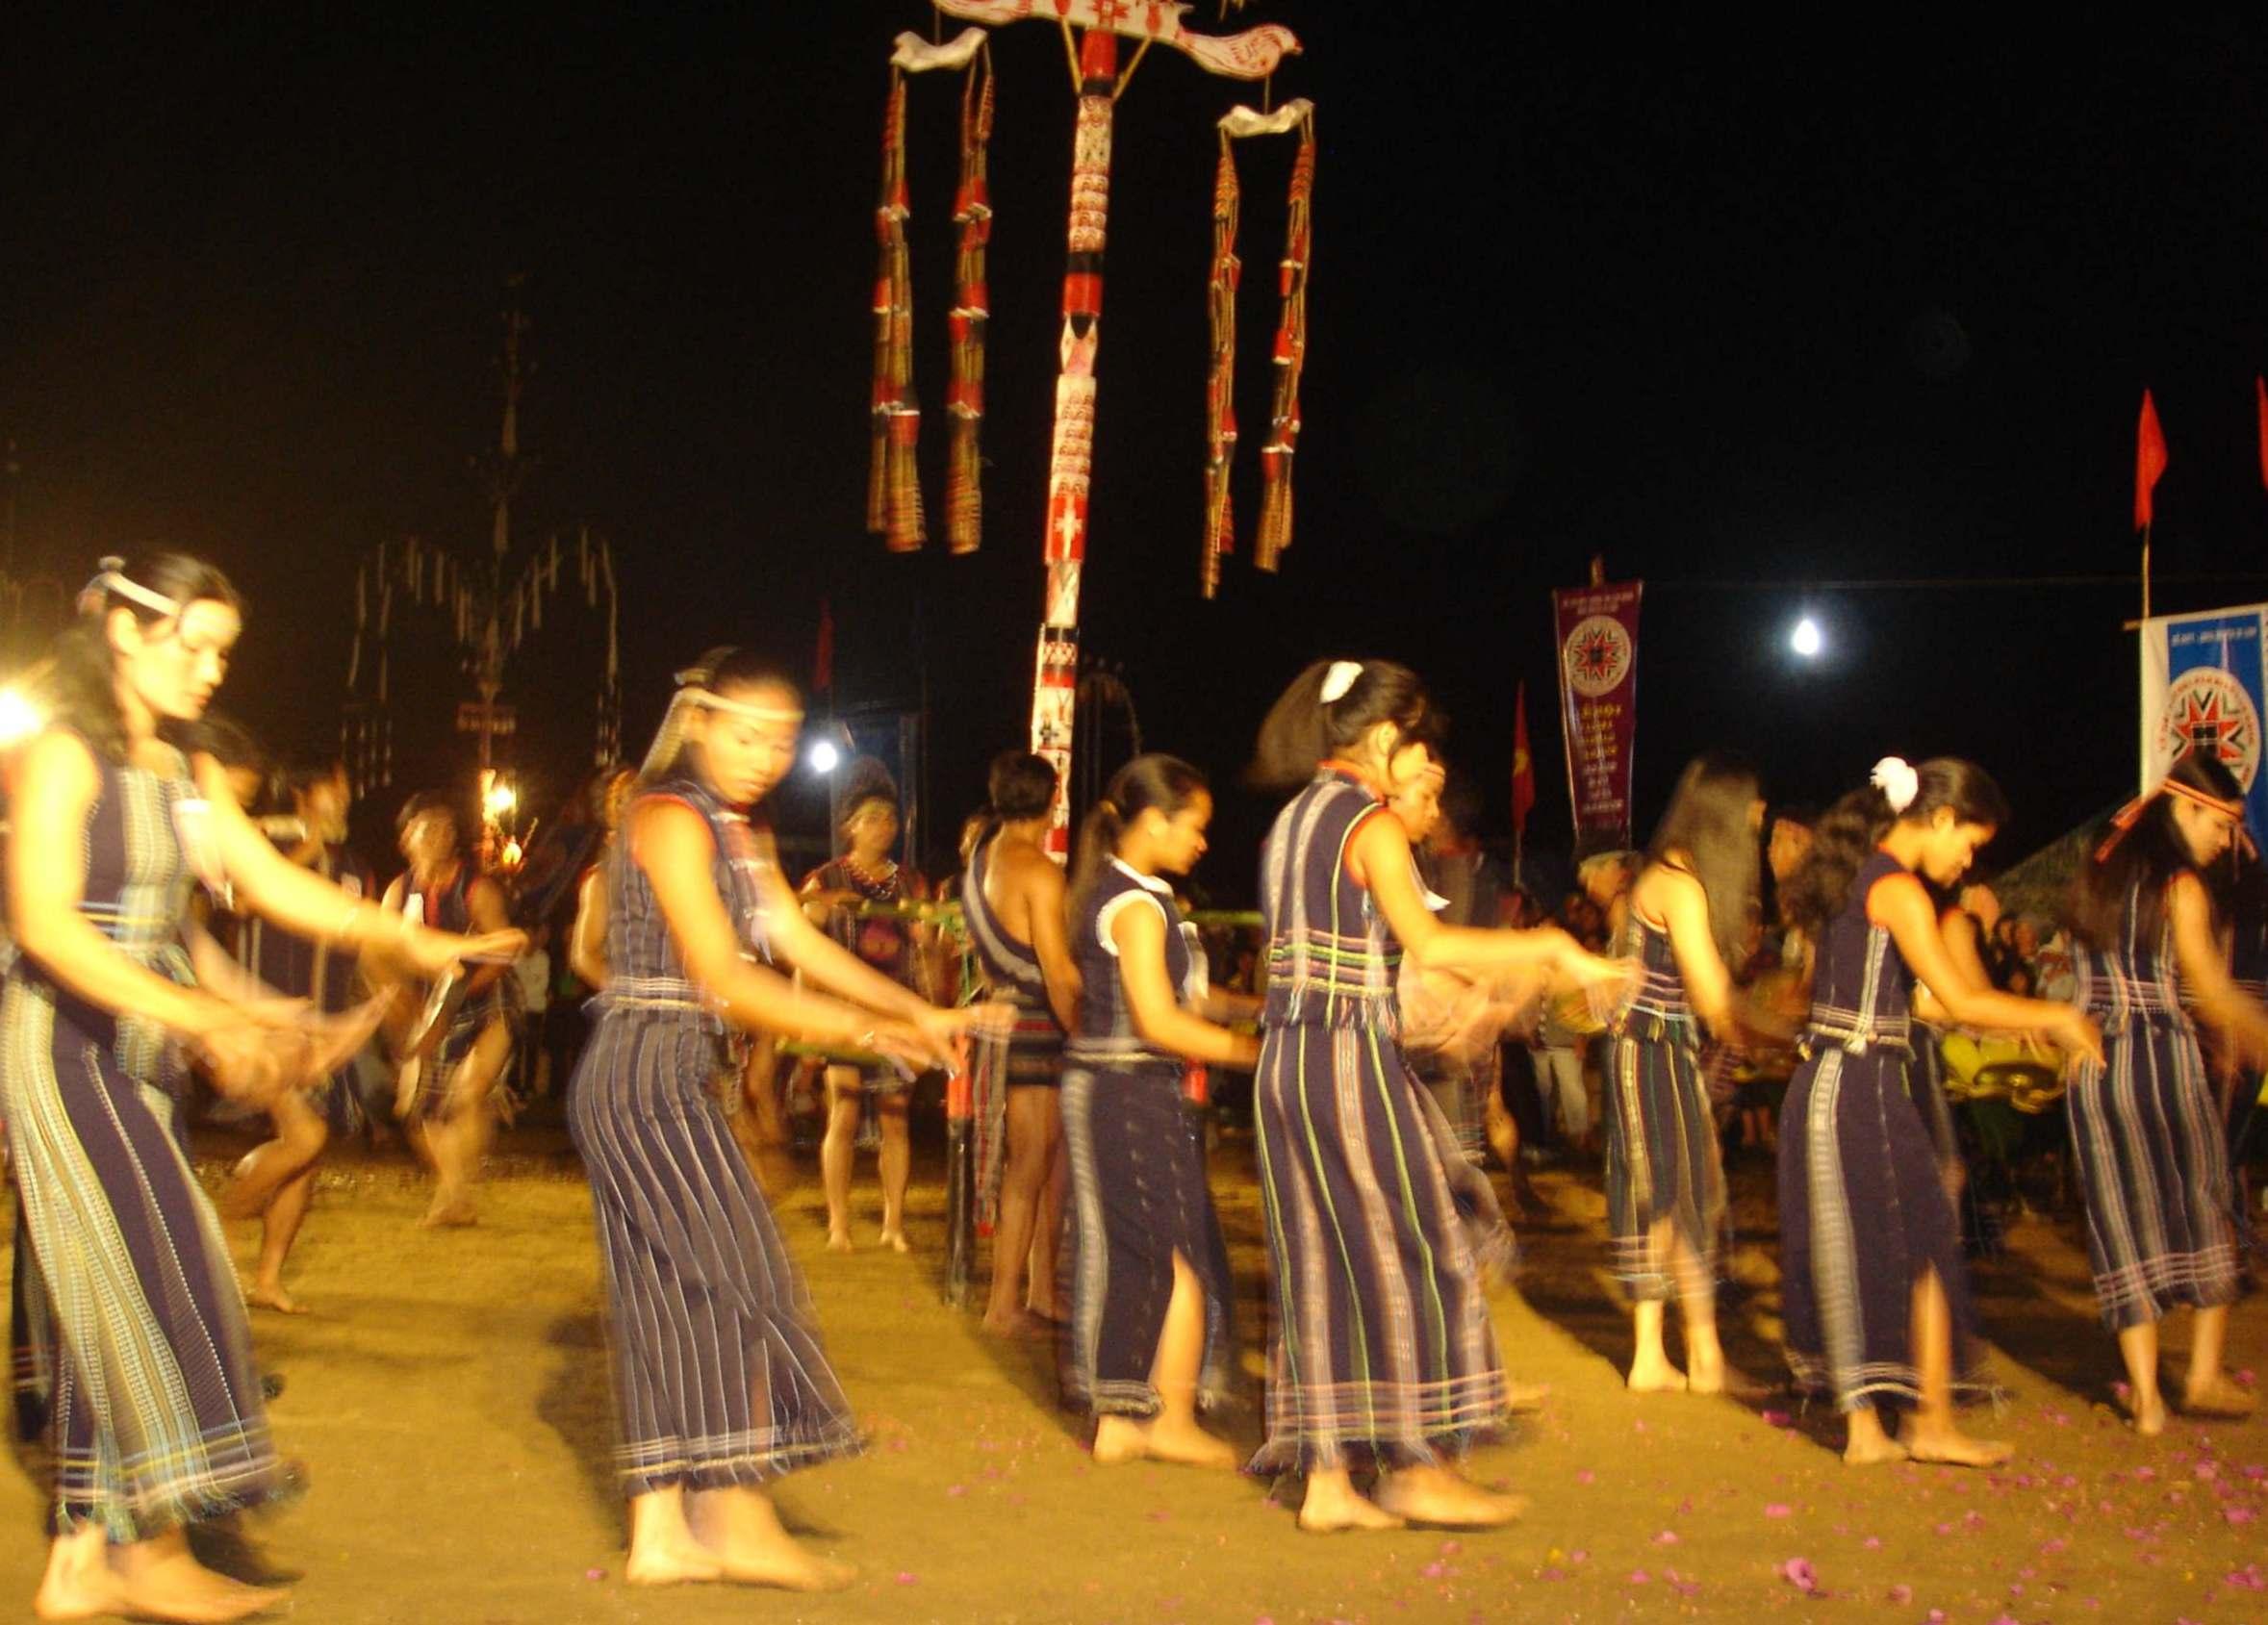 Música folclórica del grupo étnico K'ho